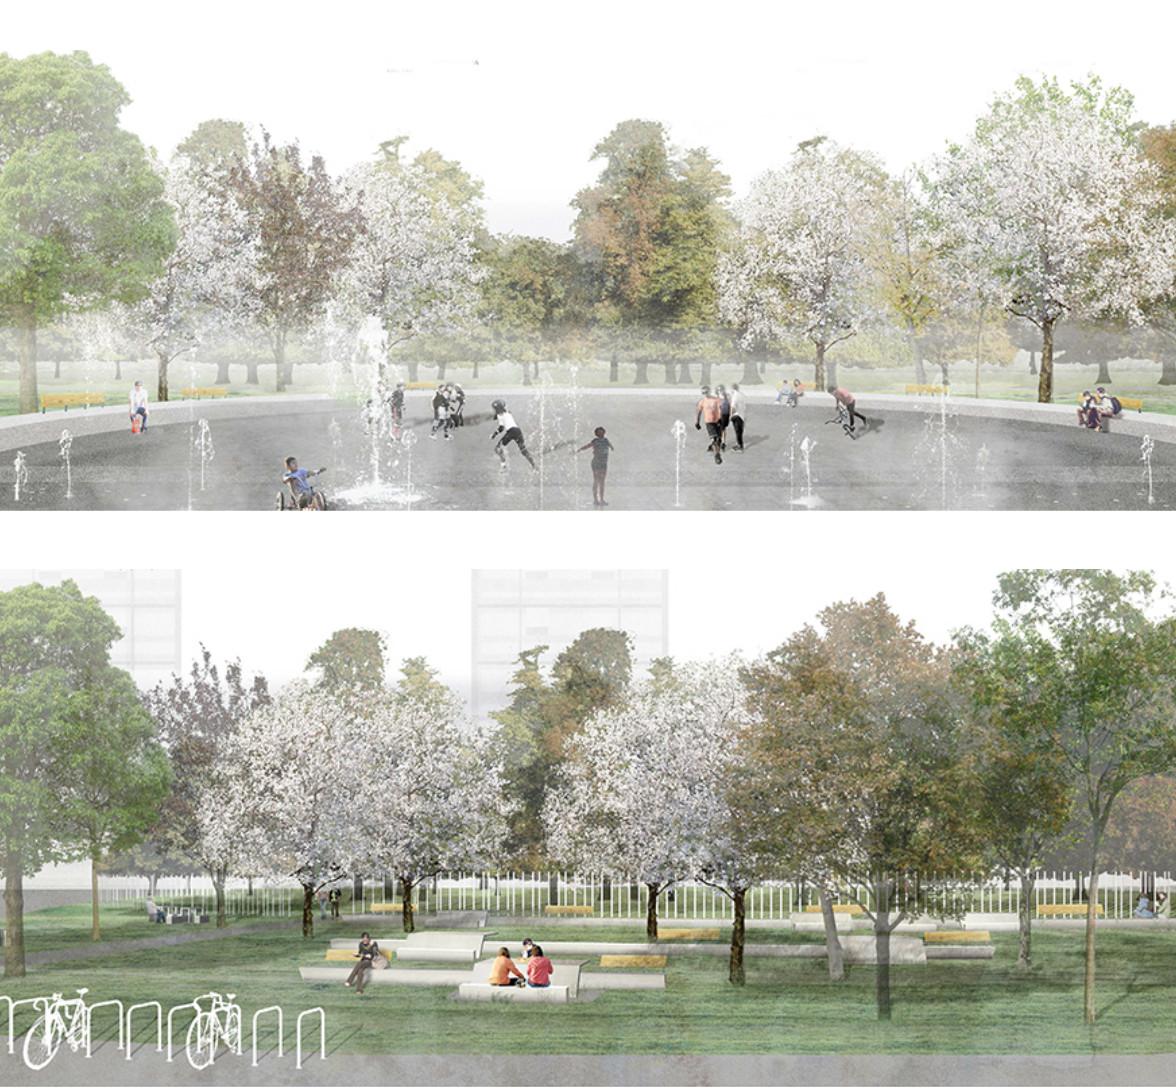 Jadue Livingstone-MOBIL arquitectos, Segundo Lugar en concurso de diseño del Parque Museo Humano San Borja, Cortesia de Paula Livingstone